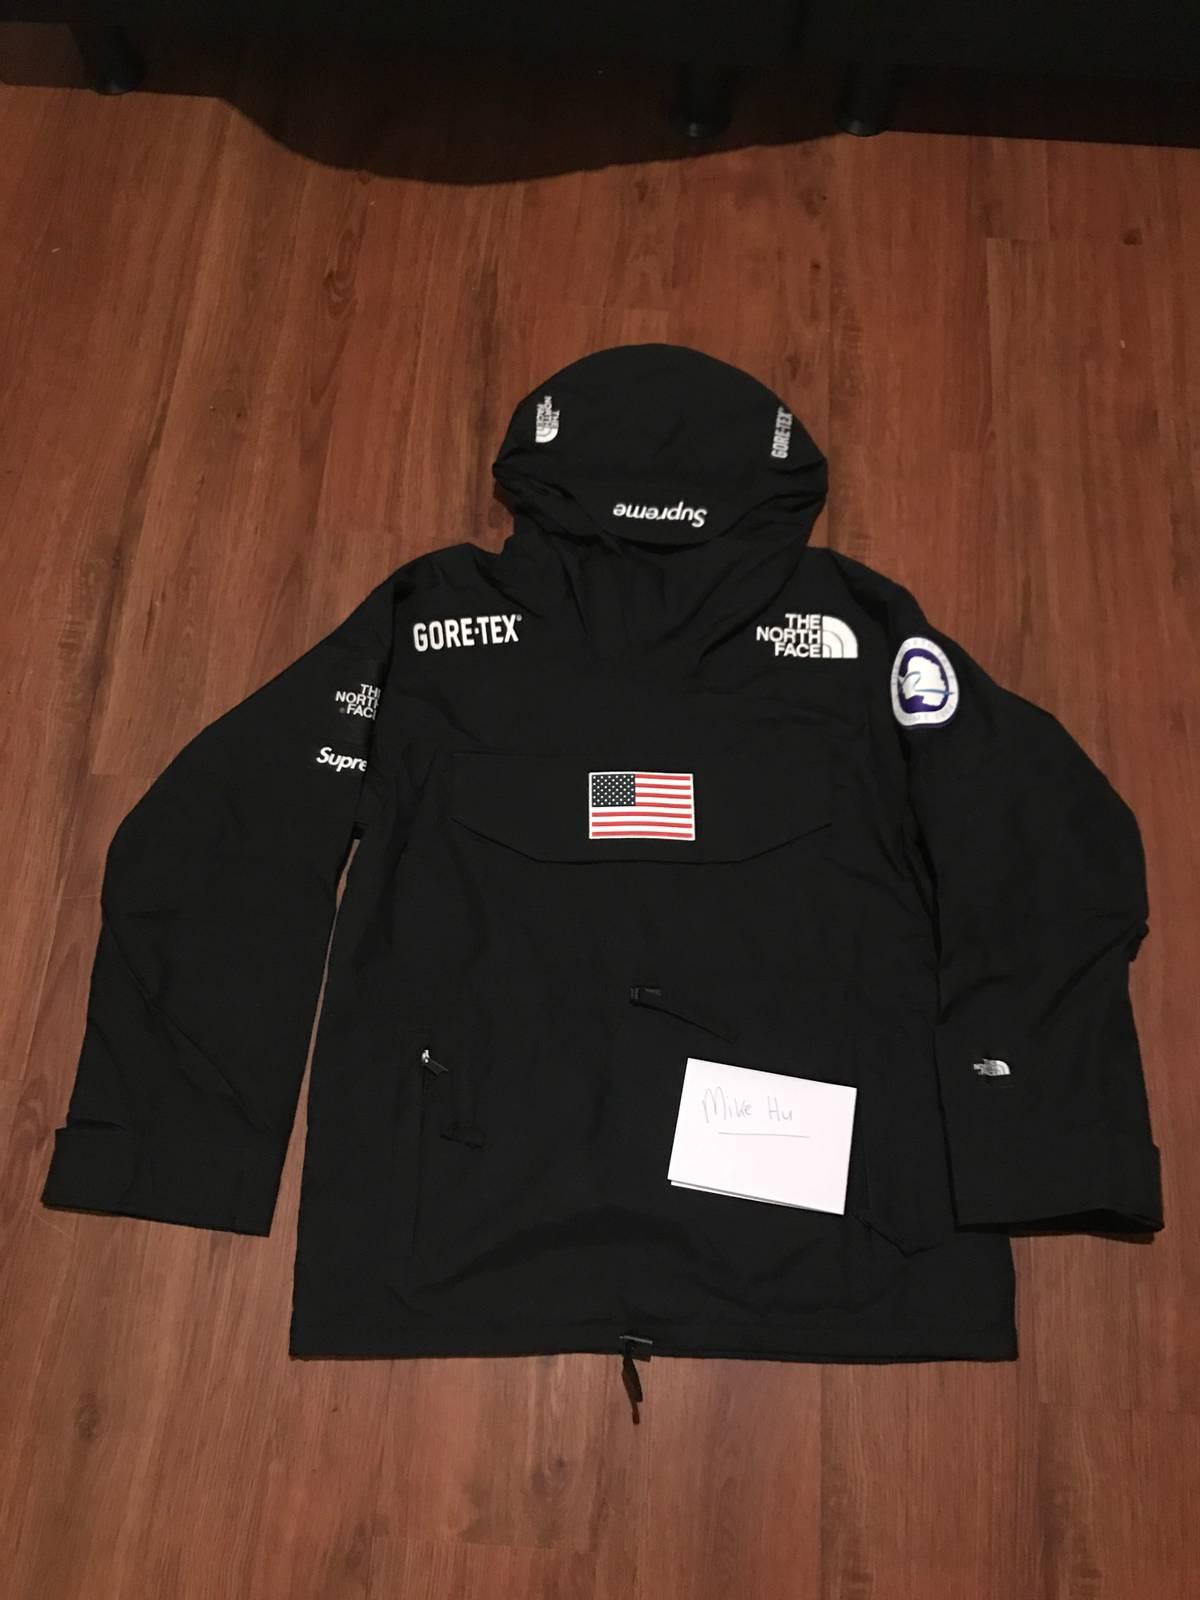 9d6defd44 north face gore tex jacket supreme shirt